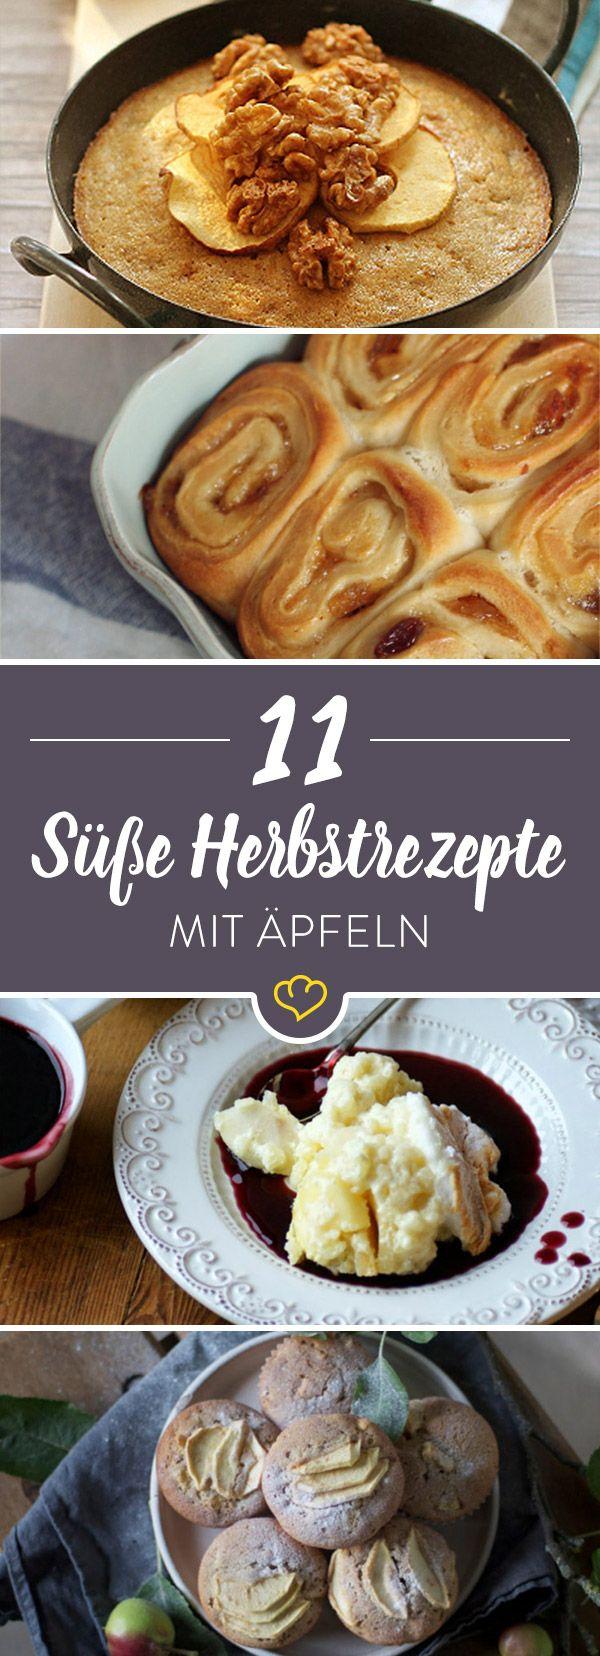 10 Foodblogger verraten ihre liebsten Apfel-Rezepte für gemütliche Herbstnachmittage.